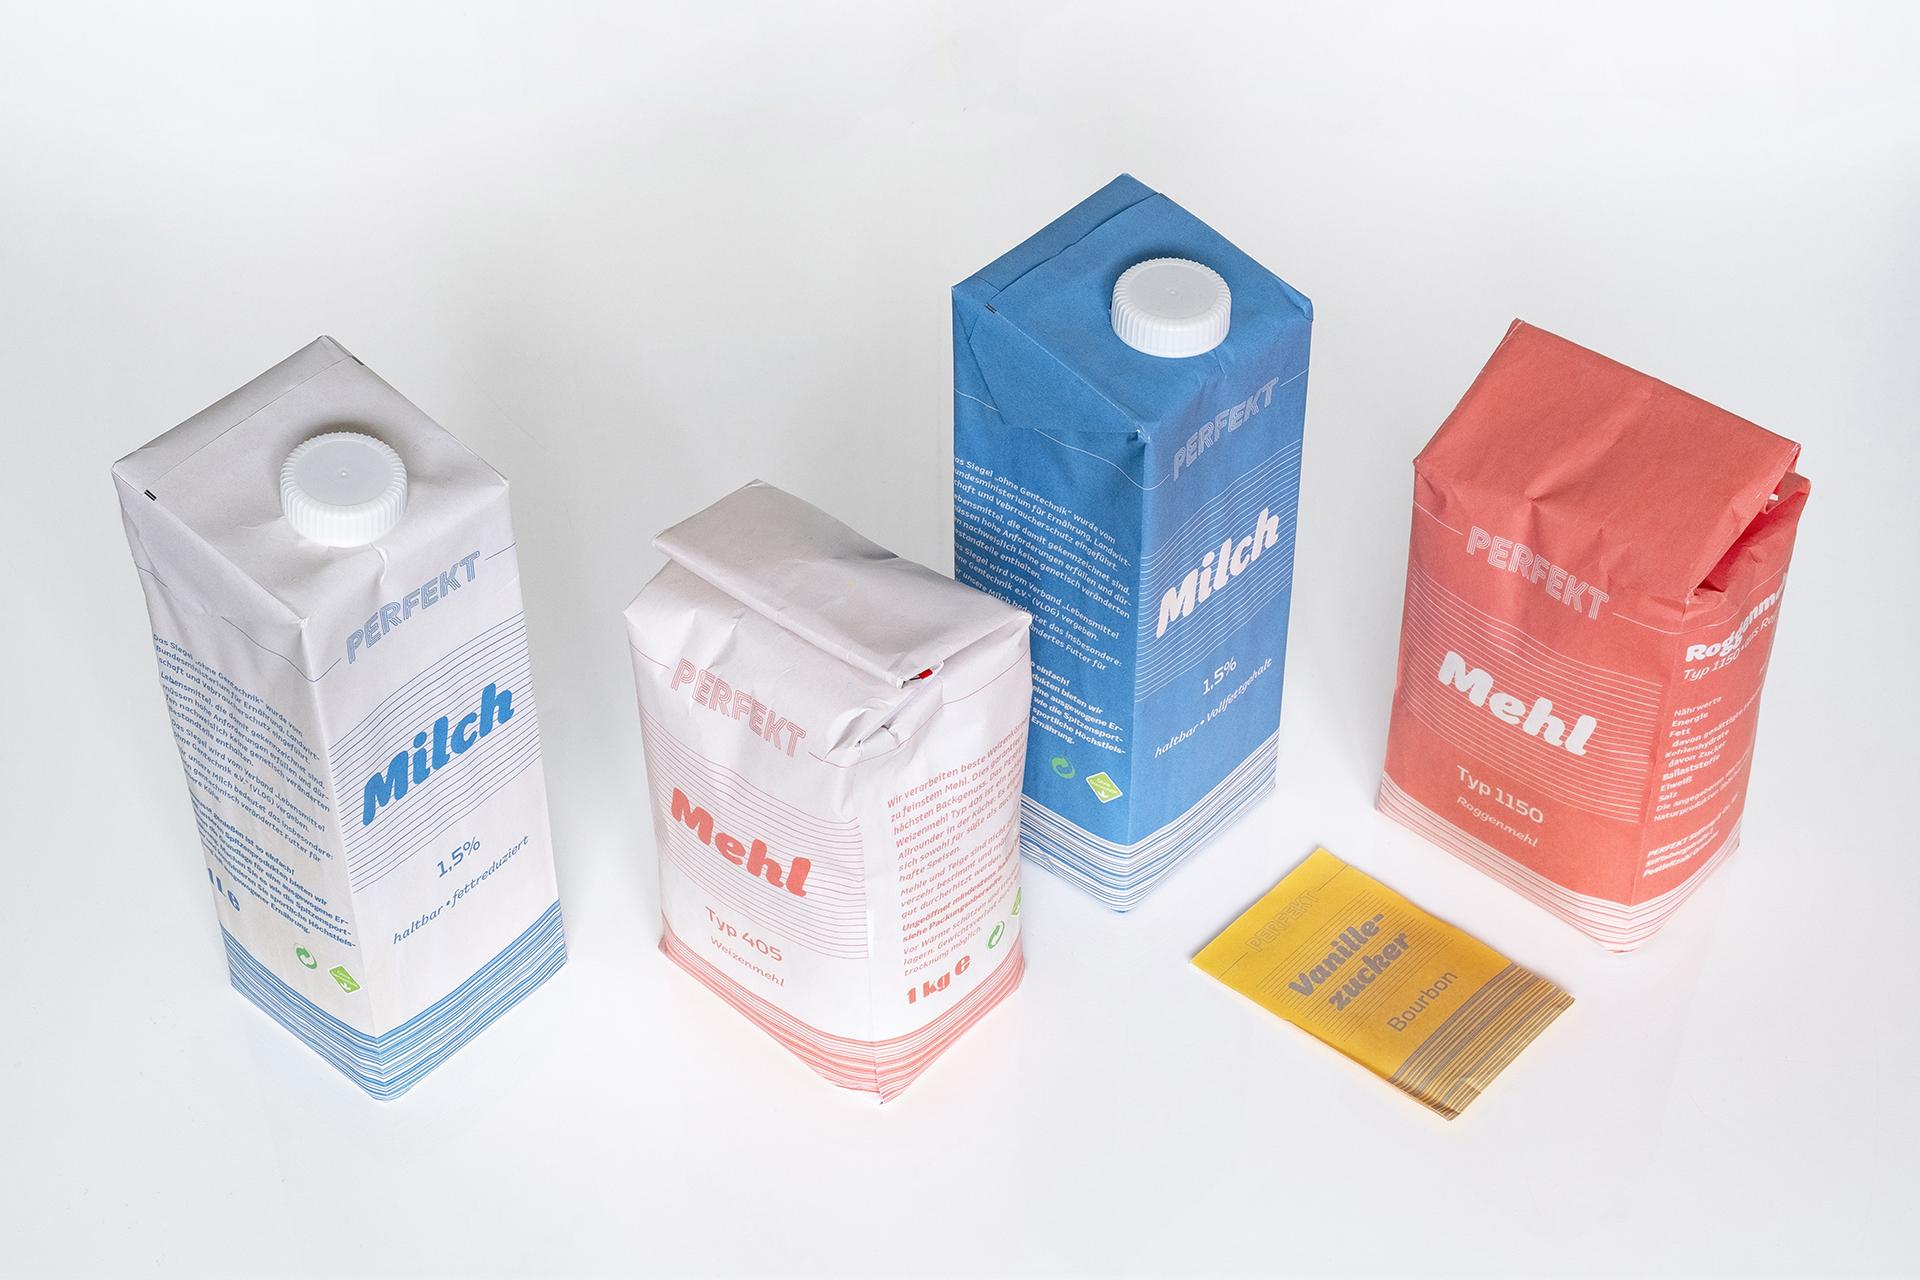 Eigenmarke Supermarkt Brand Branding Packaging, Sebastian Knöbber